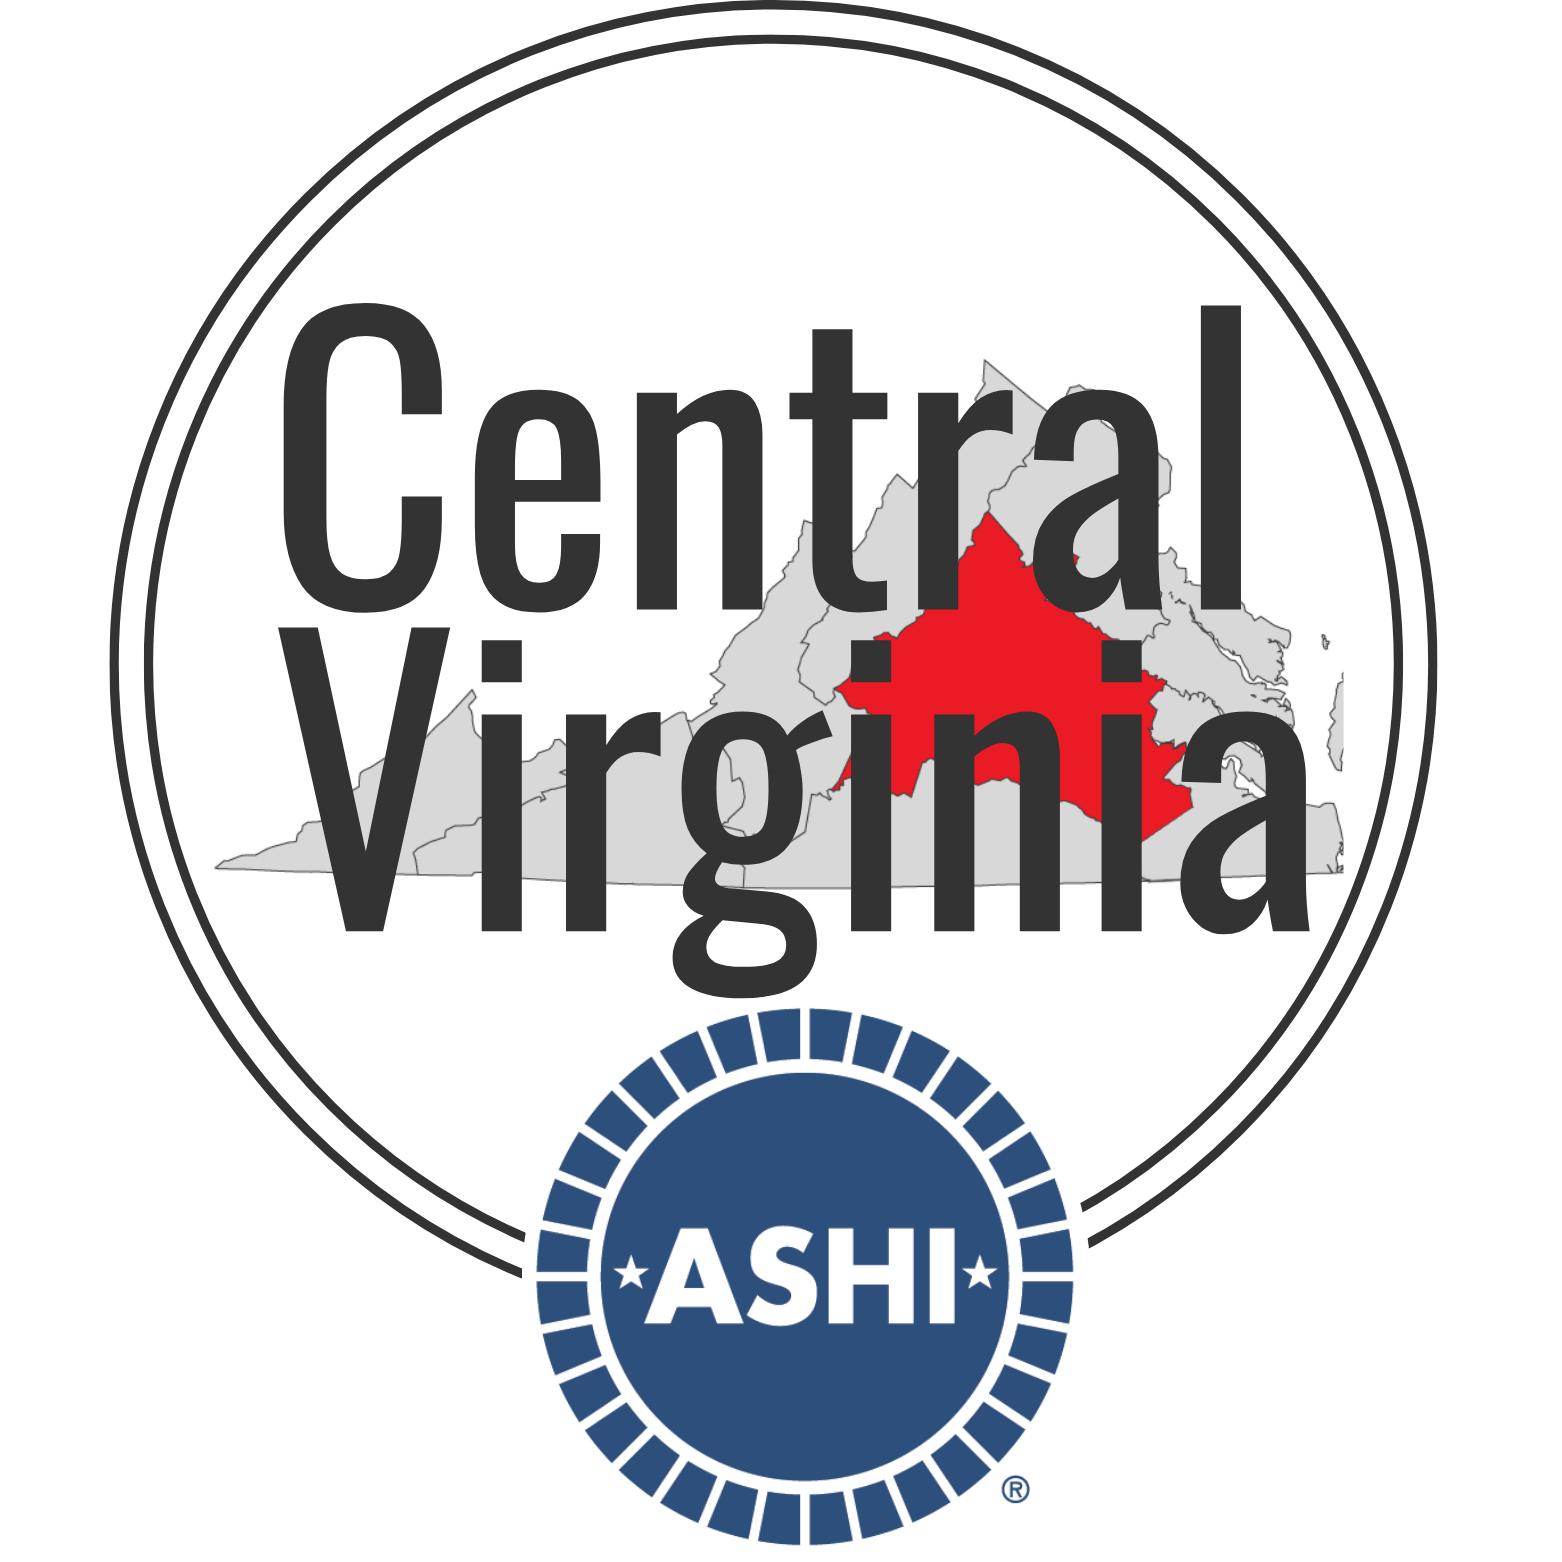 Central Virginia ASHI